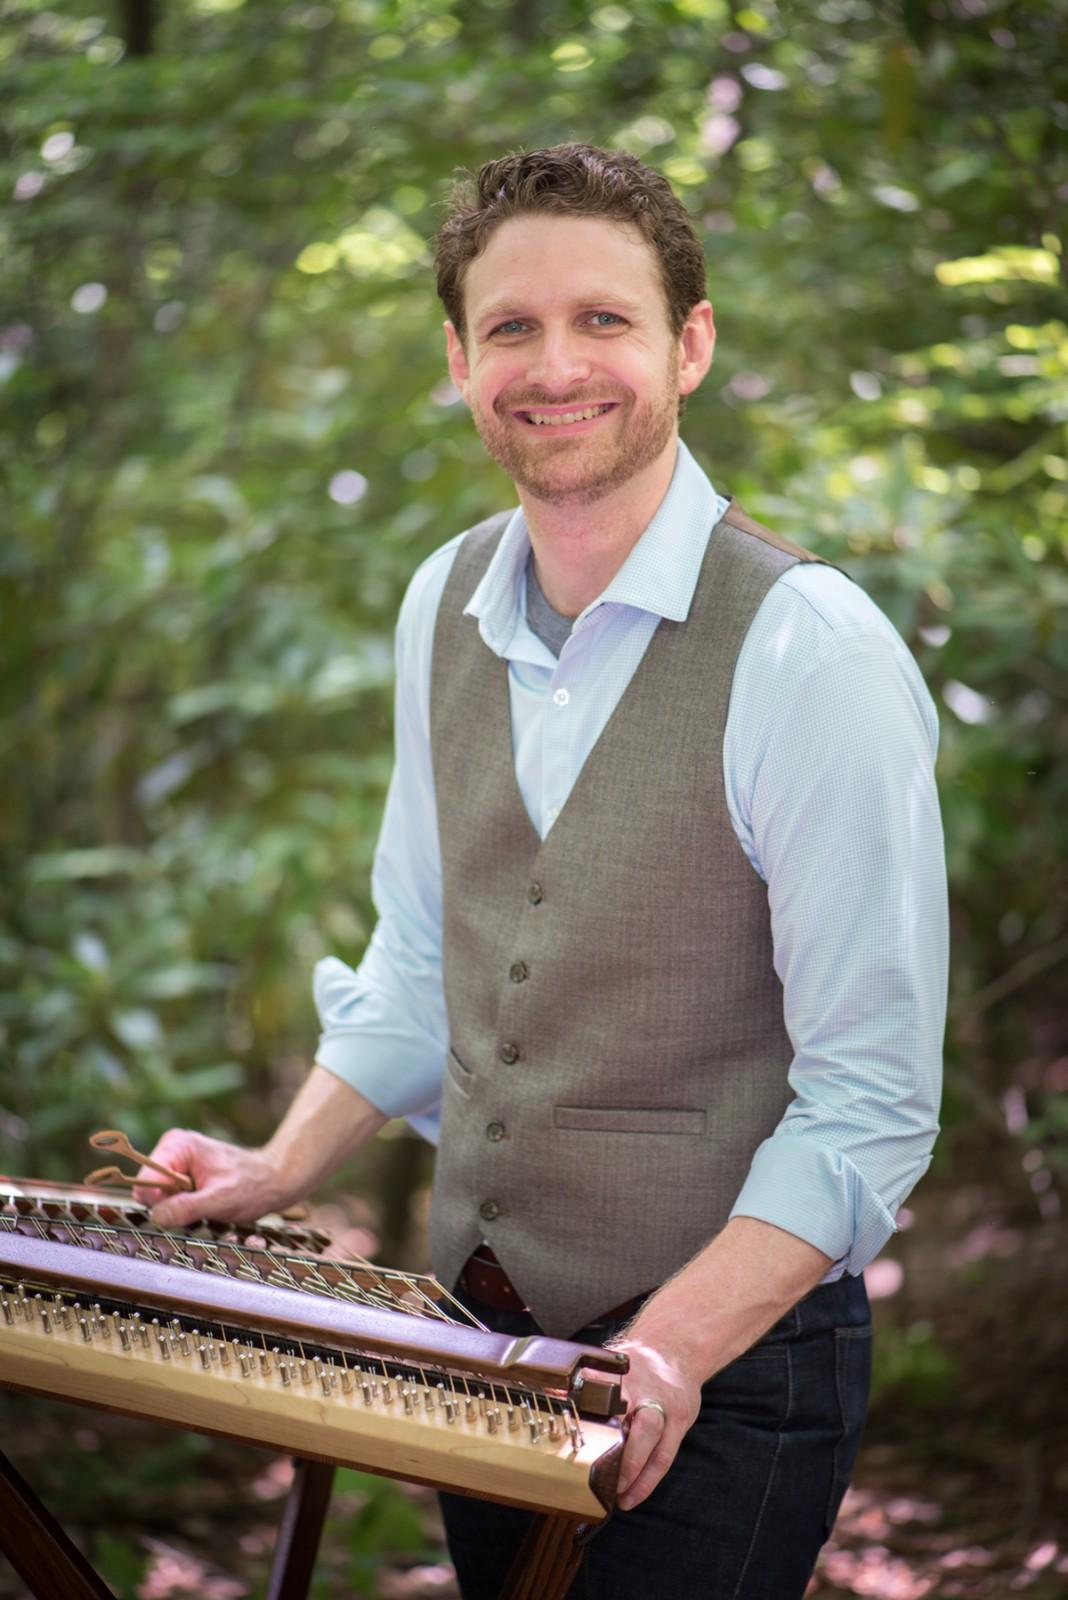 Musician Joshua Messick